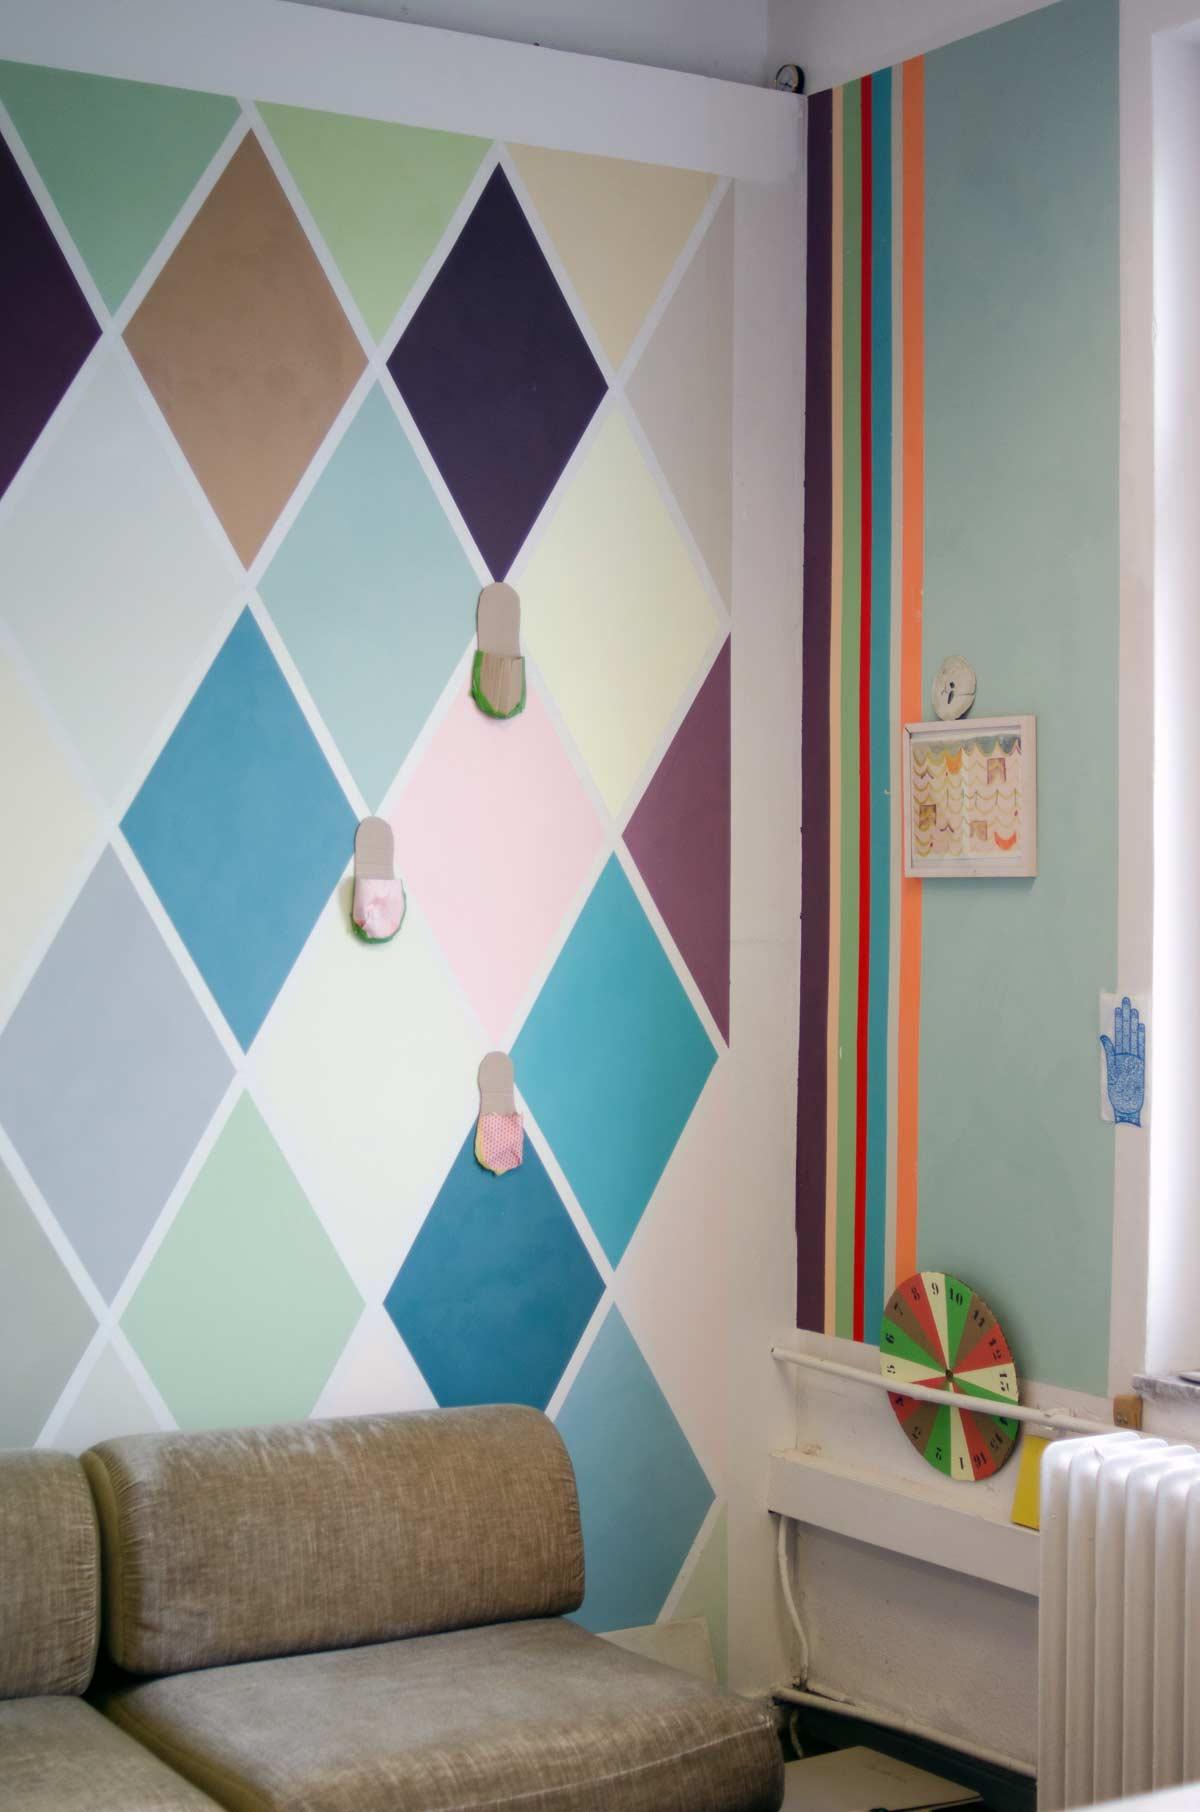 wandfirma.de, Charlotte Crome, hamburgvoninnen, Wandgestaltung mit Farbe